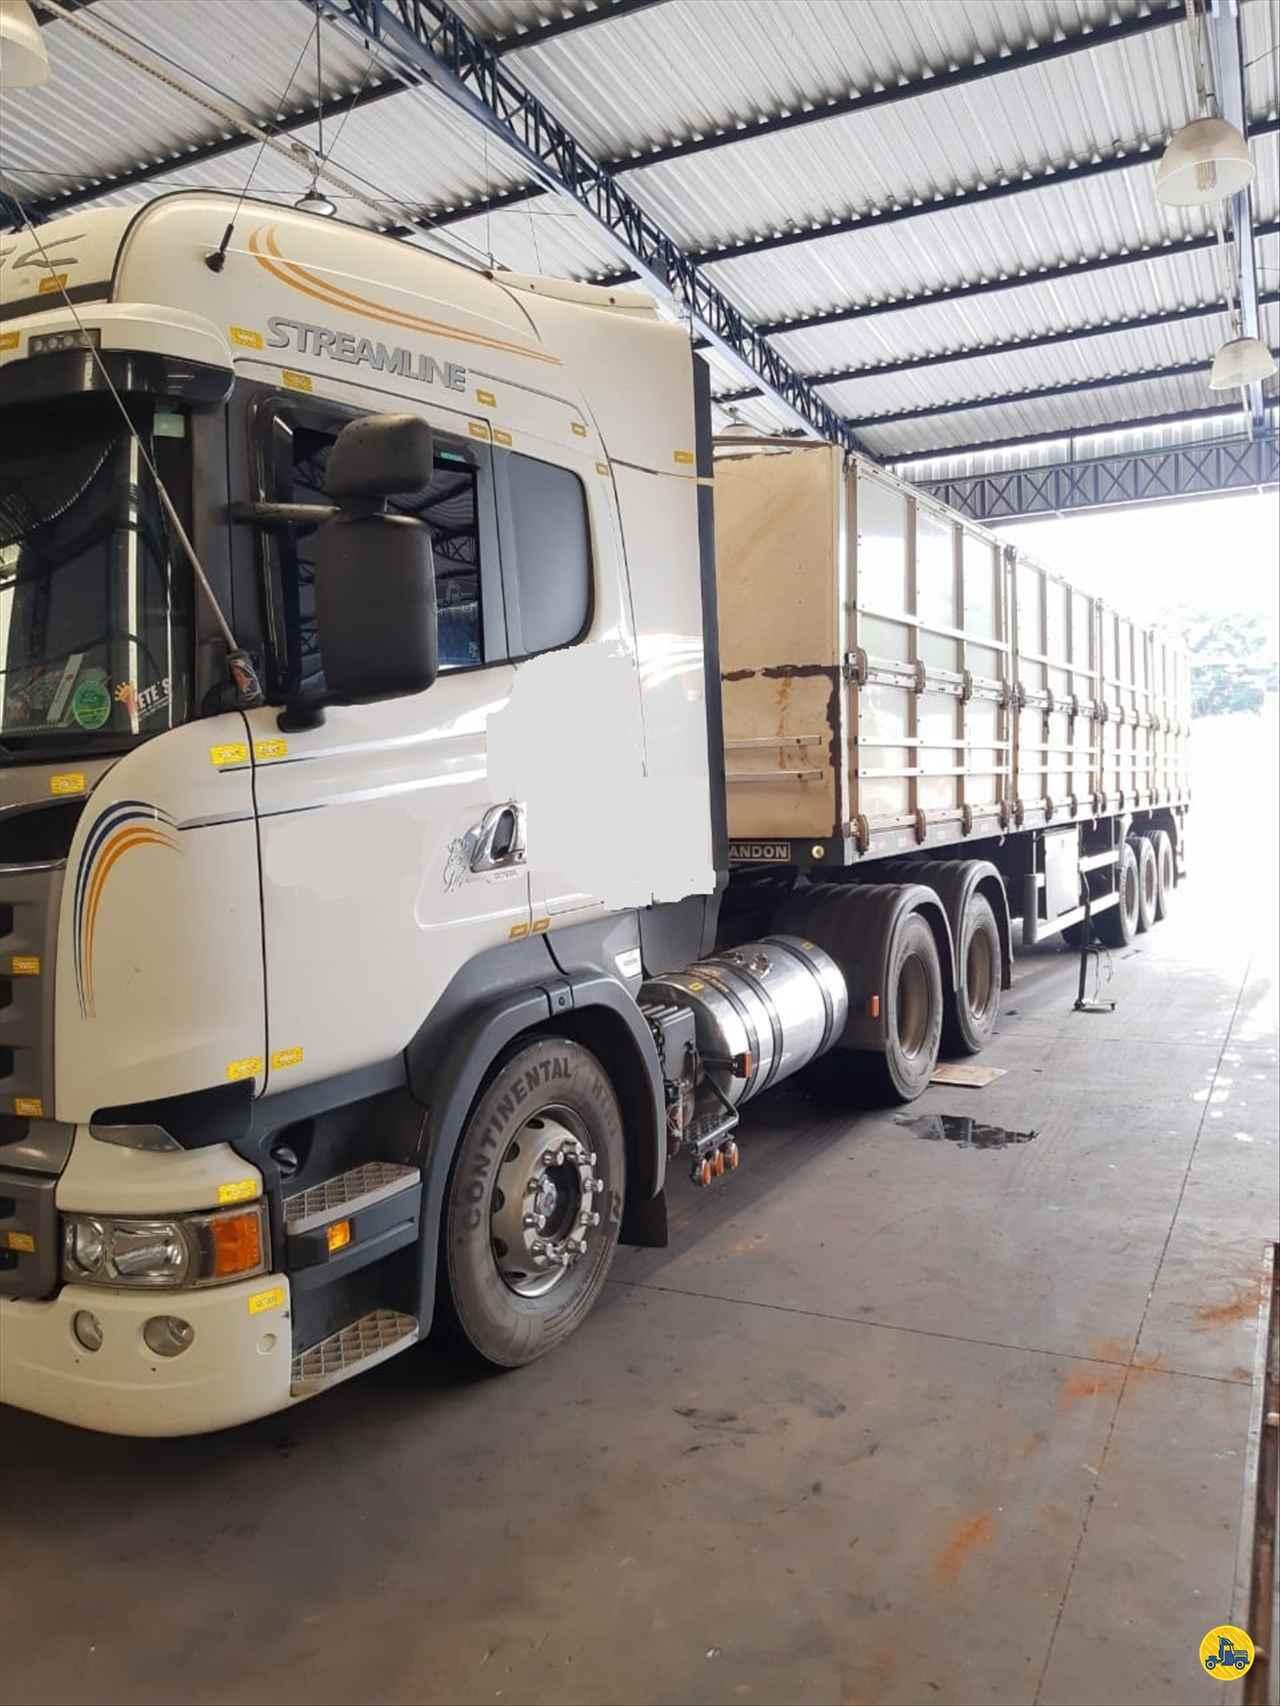 CAMINHAO SCANIA SCANIA 440 Cavalo Mecânico Truck 6x2 Ebenezer Caminhões e Carretas CAPAO BONITO SÃO PAULO SP